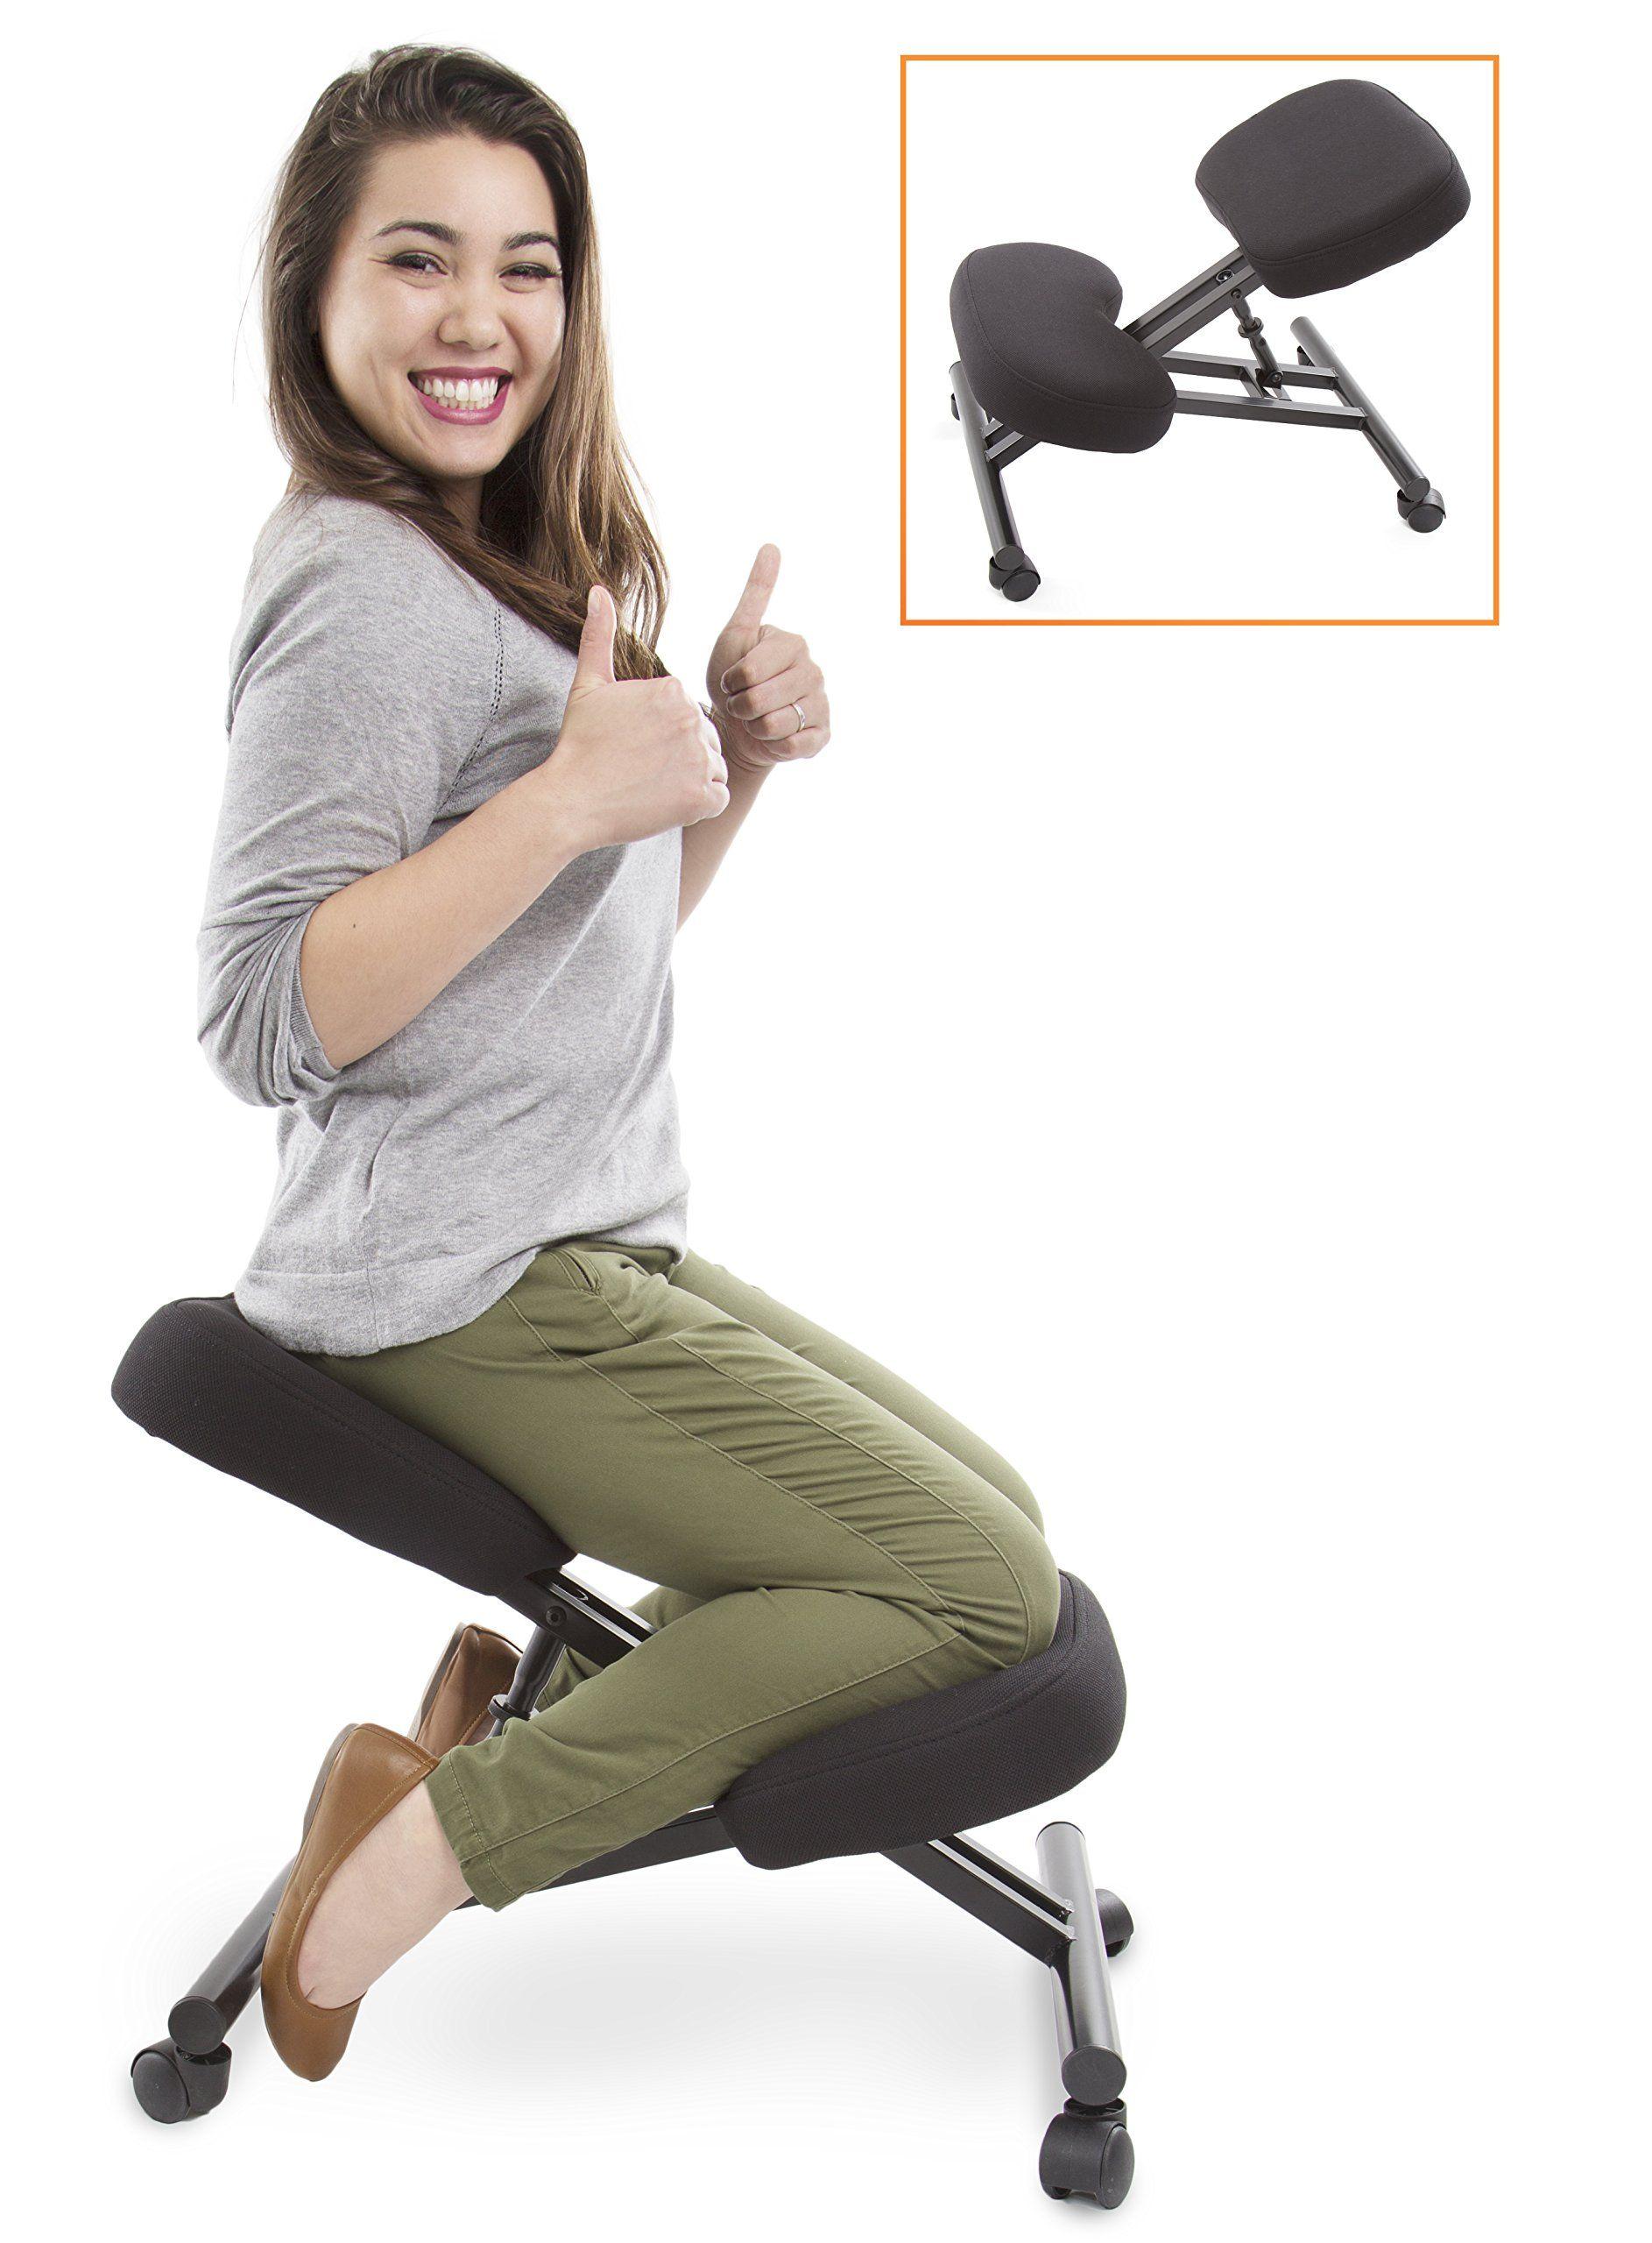 Proergo Ergonomic Kneeling Chair Adjustable Height Office